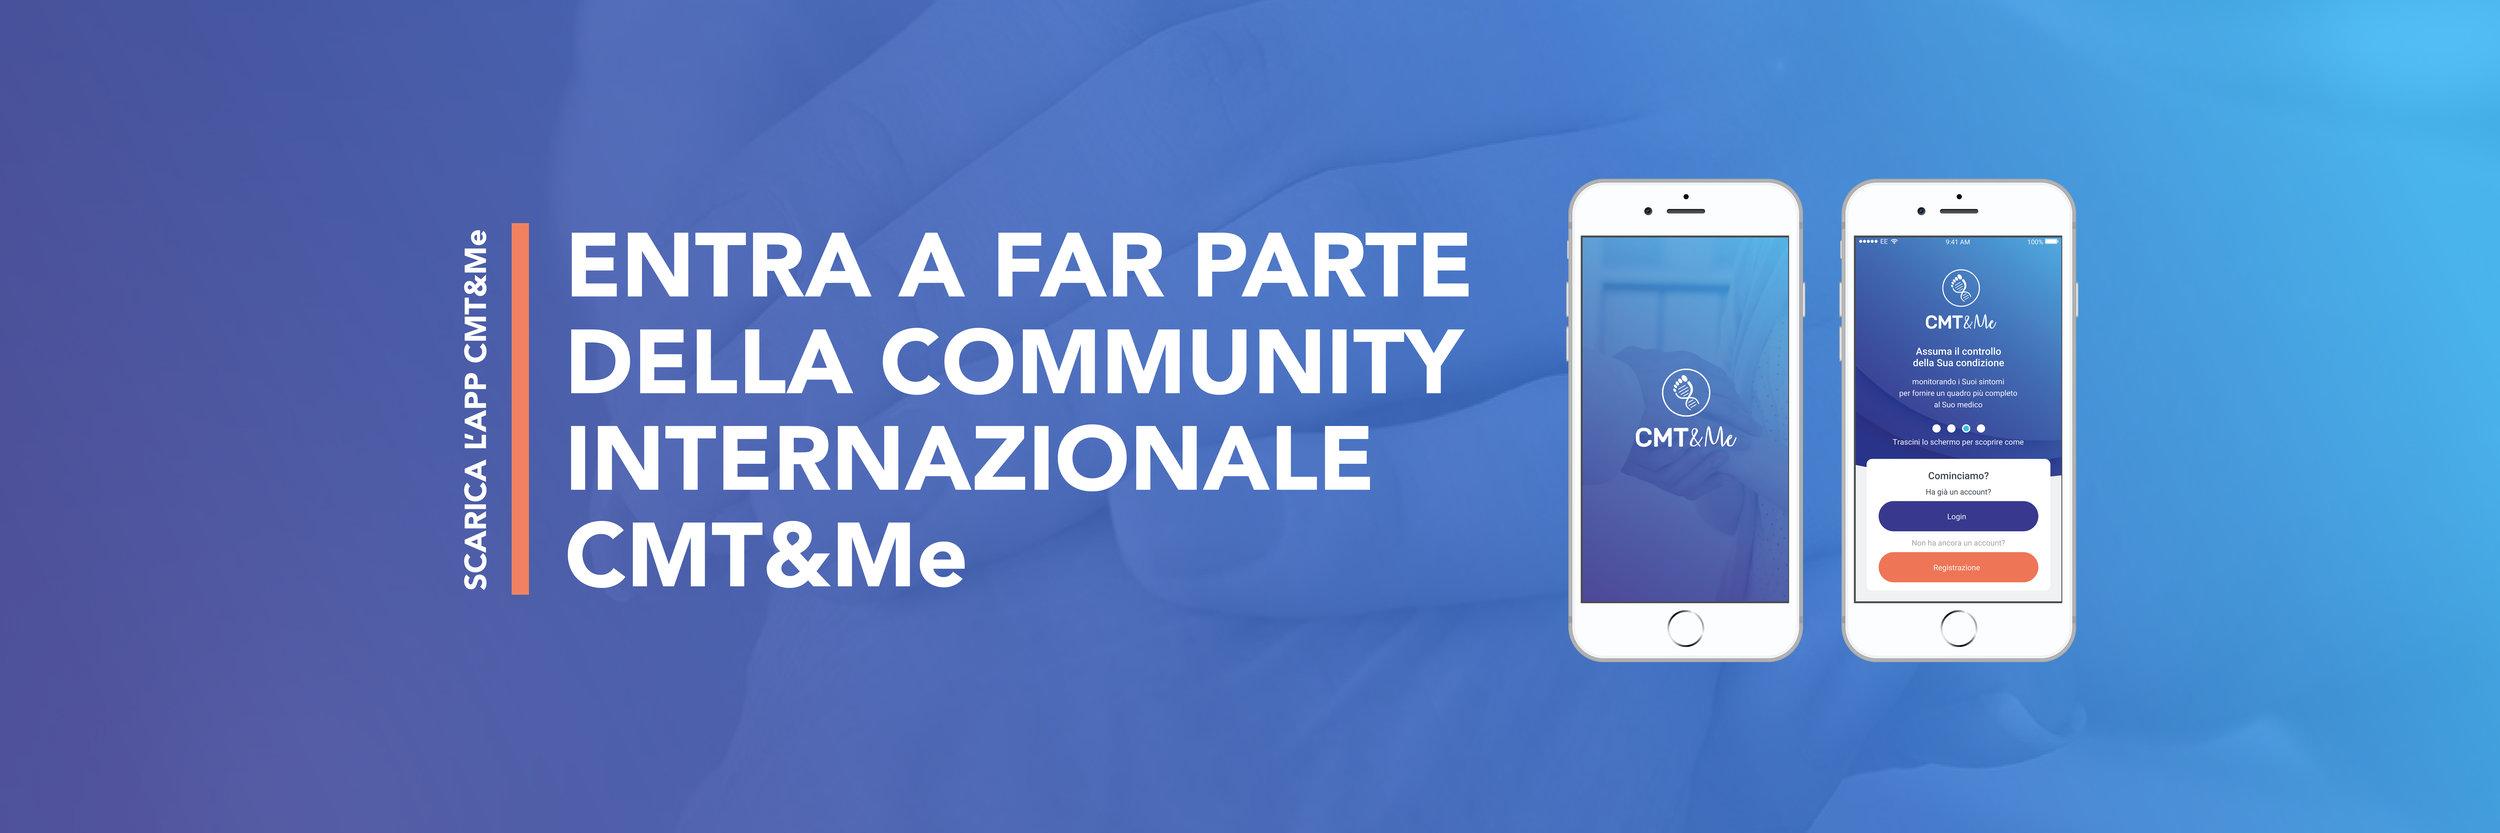 CMT&Me social headers HIRES IT.jpg